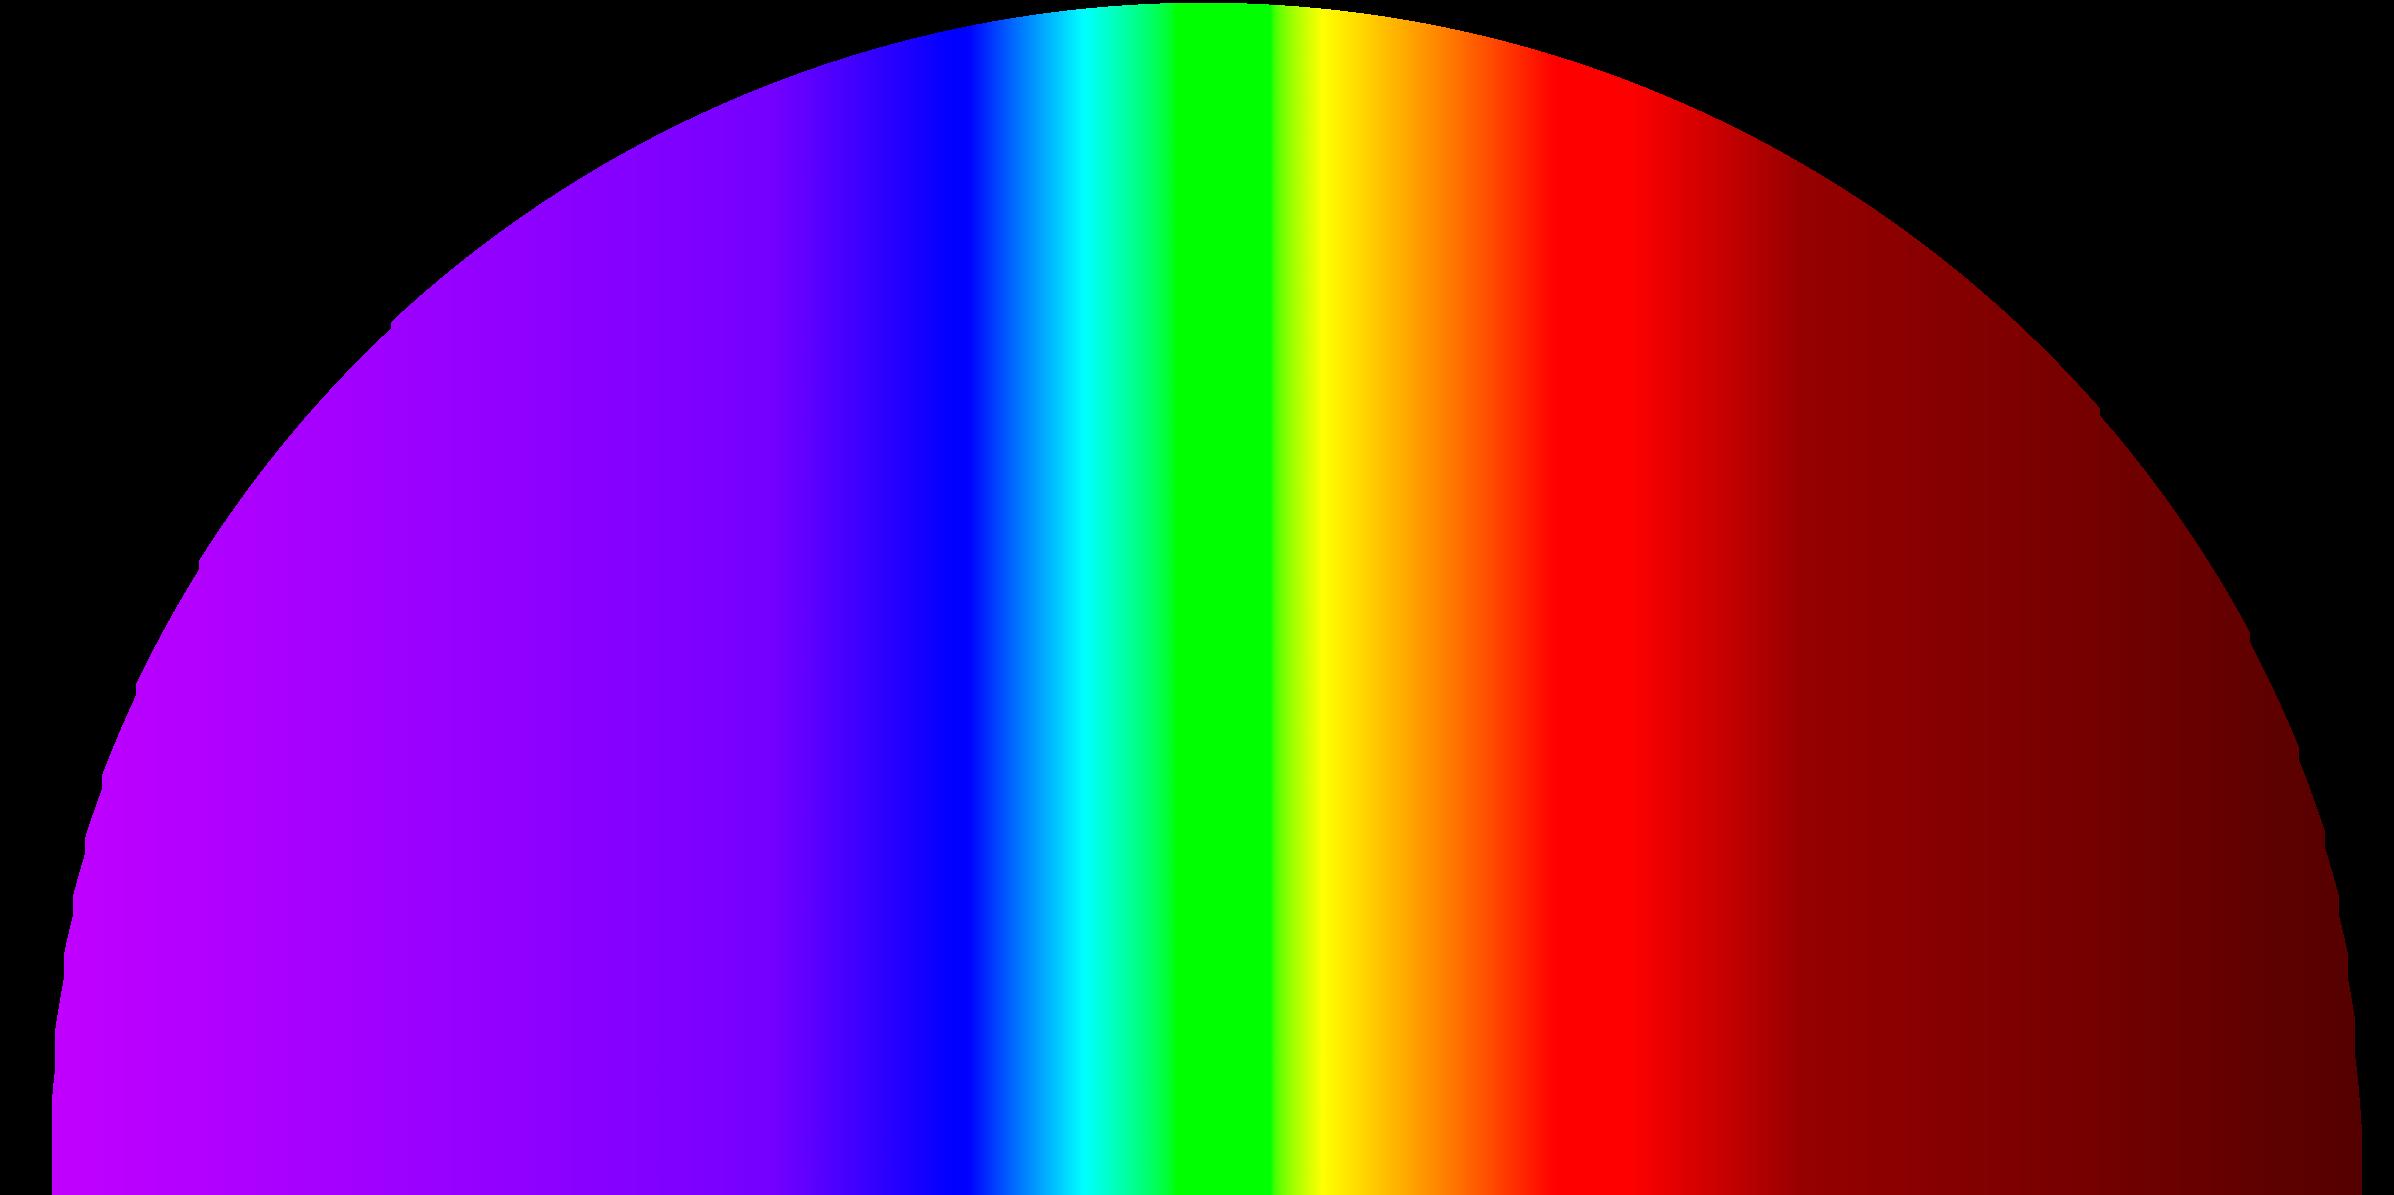 LaVision spectrum illustration.